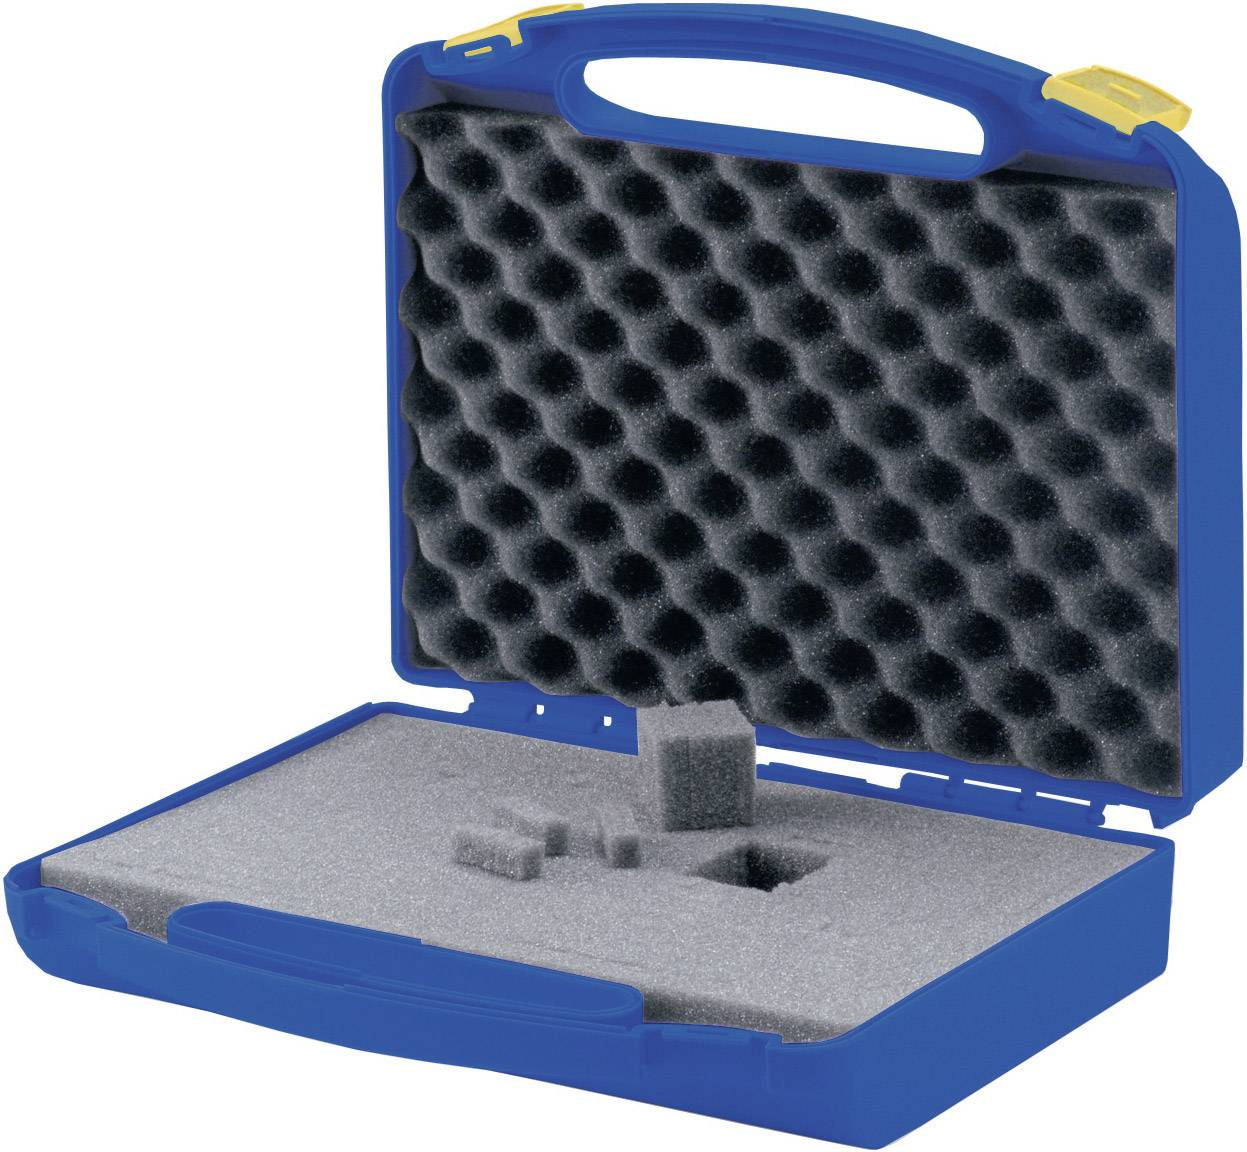 Plastový kufr s pěnovou výplní, 280 x 250 x 85 mm, modrá